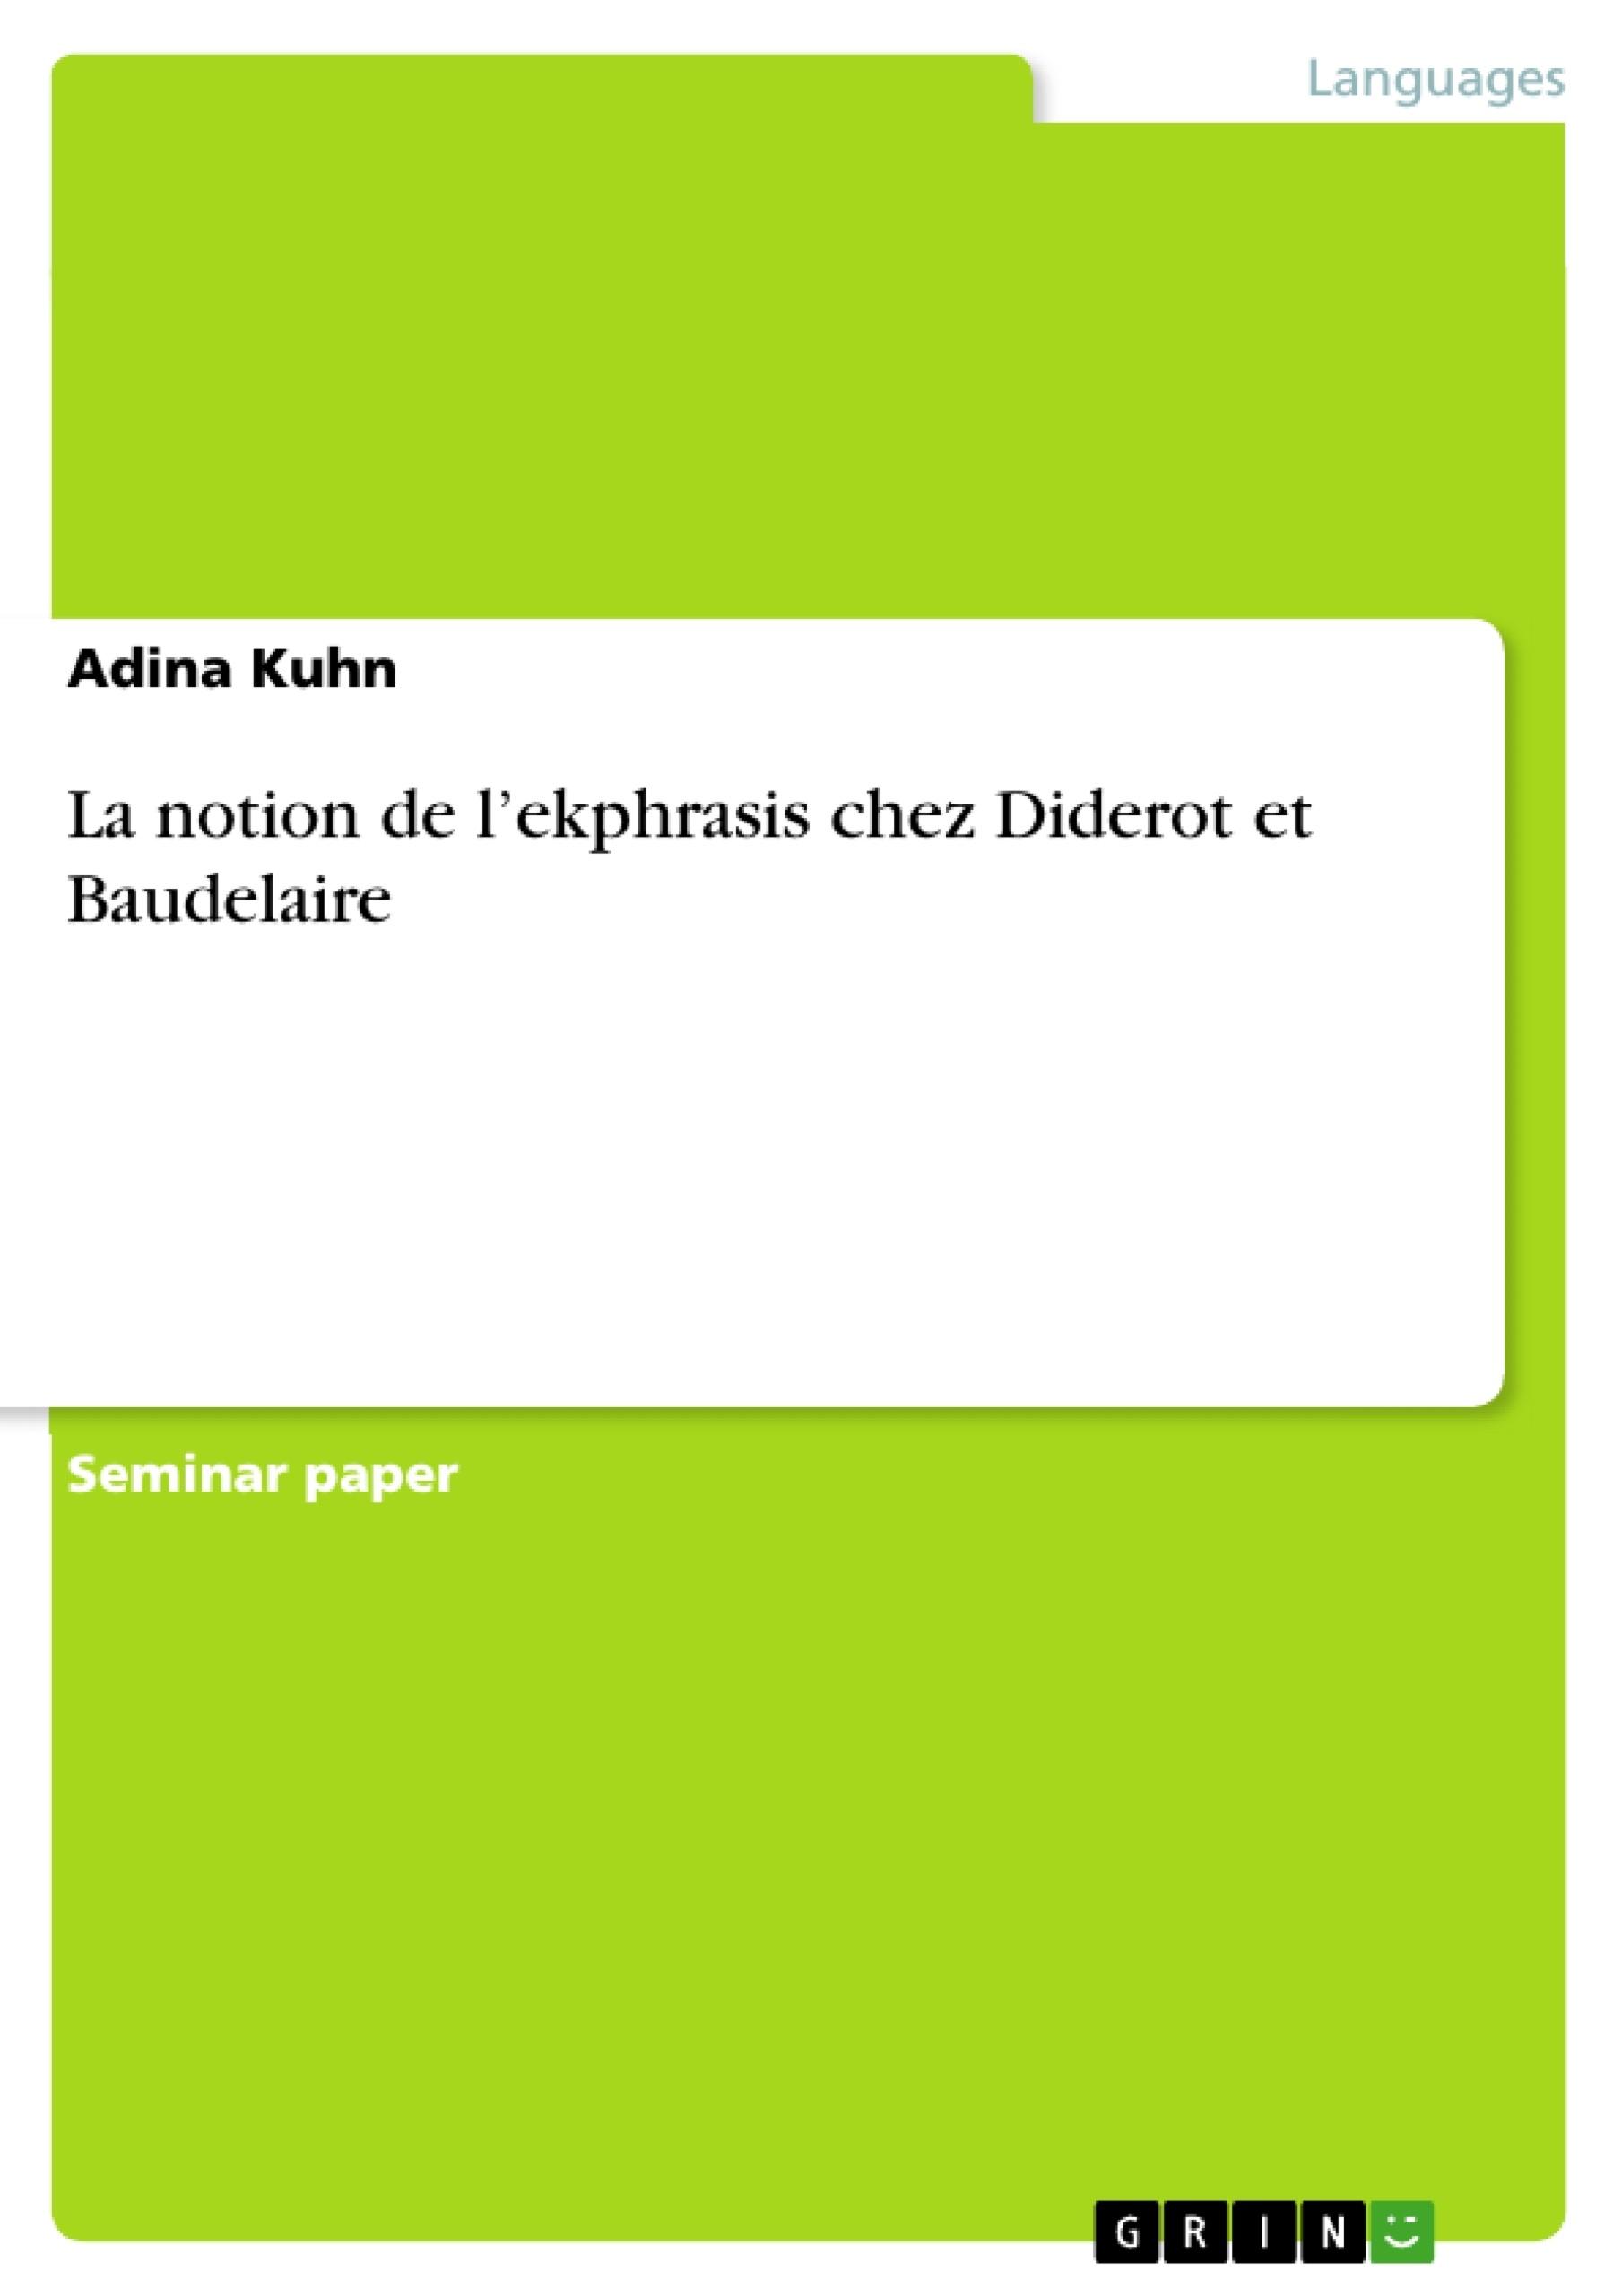 Titre: La notion de l'ekphrasis chez Diderot et Baudelaire